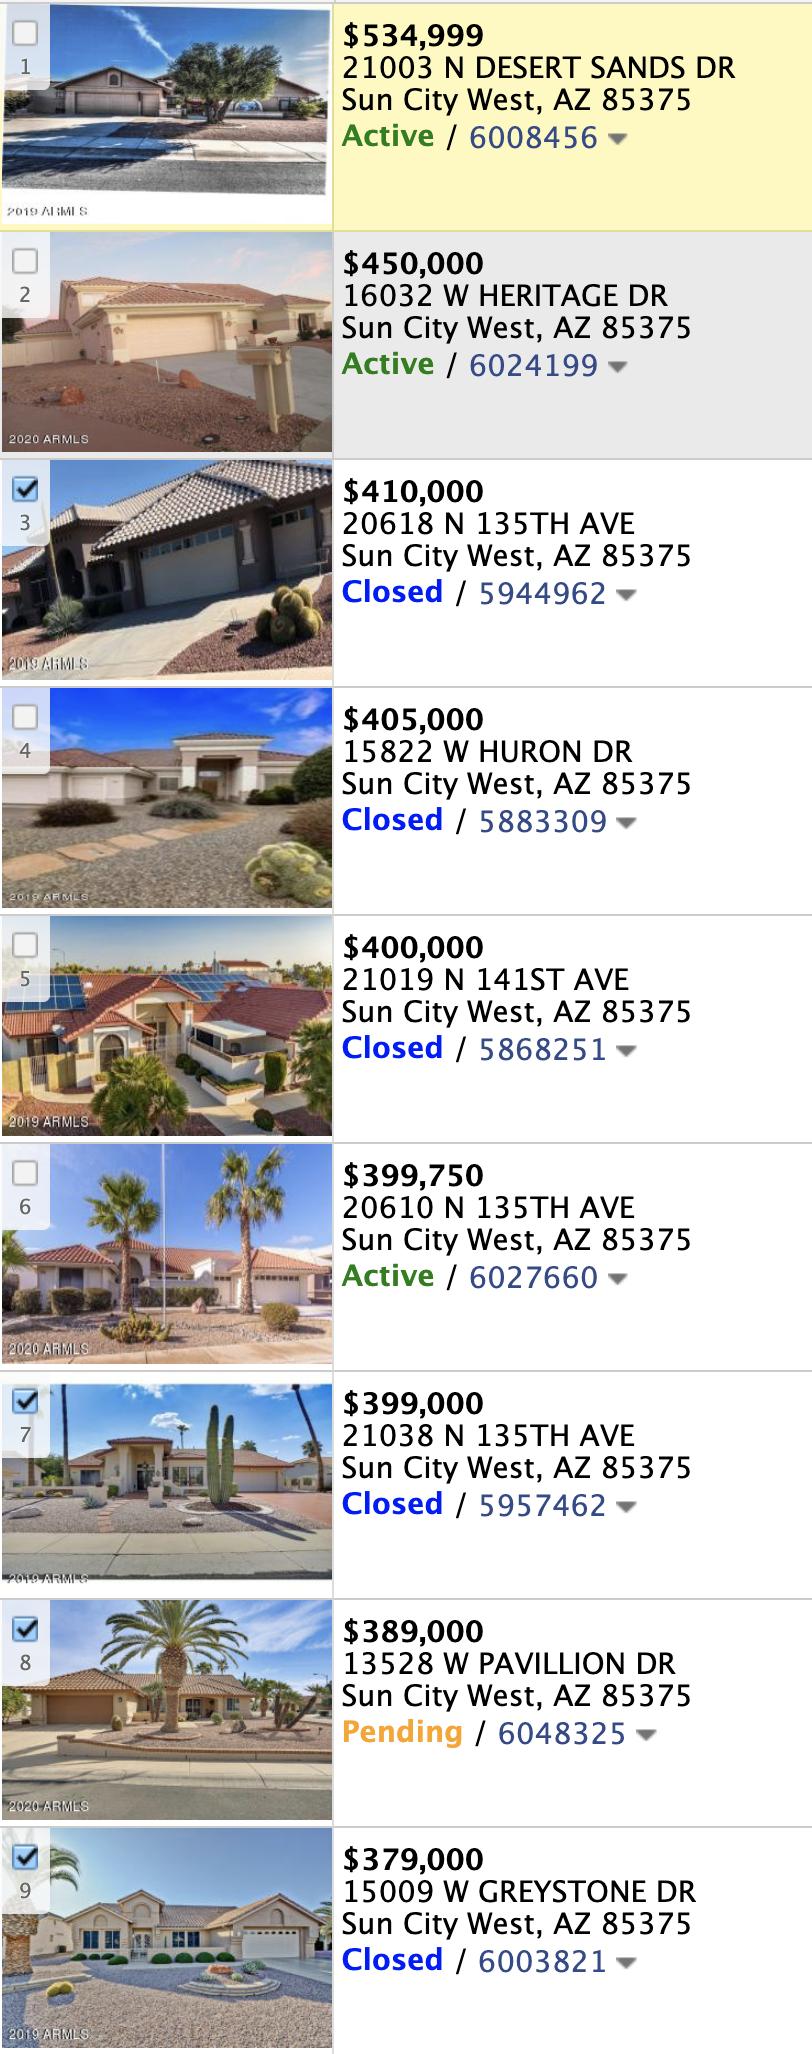 14313 W Circle Ridge Dr, Sun City West AZ 85375 Comps